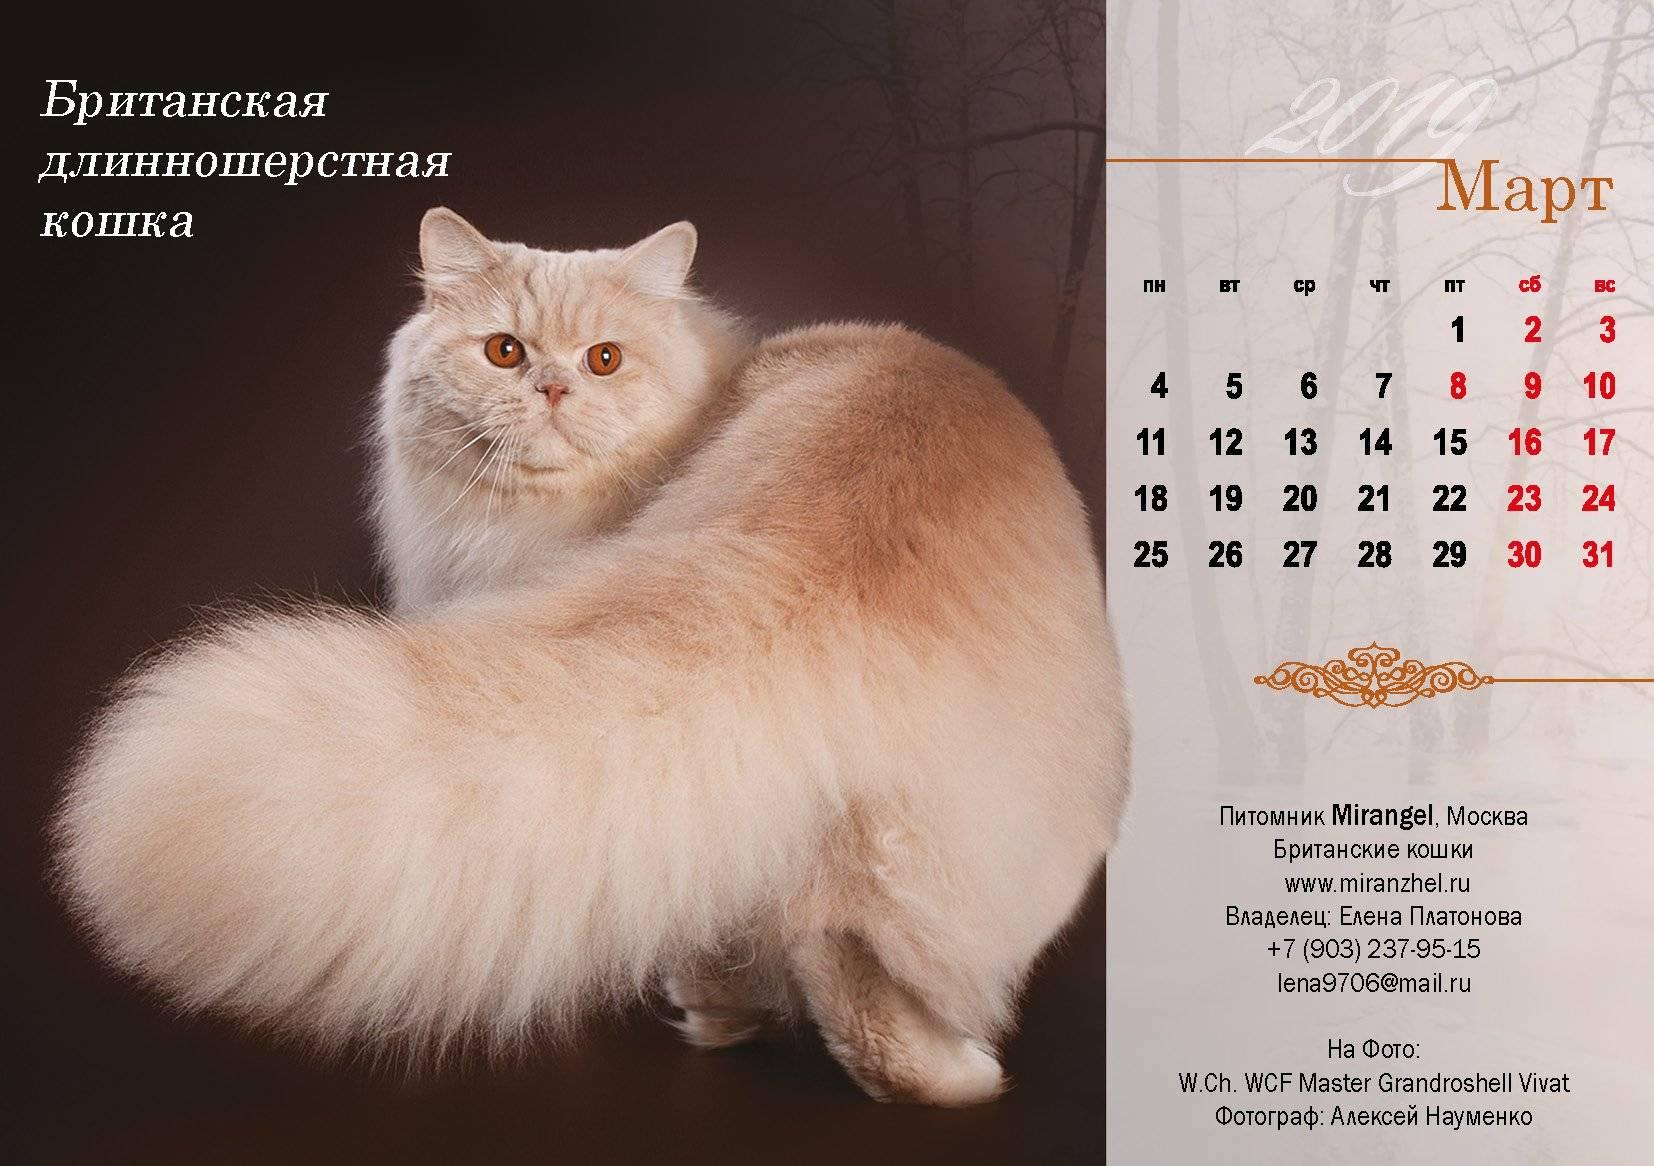 Длинношерстные кошки: названия пород, их описания и фото